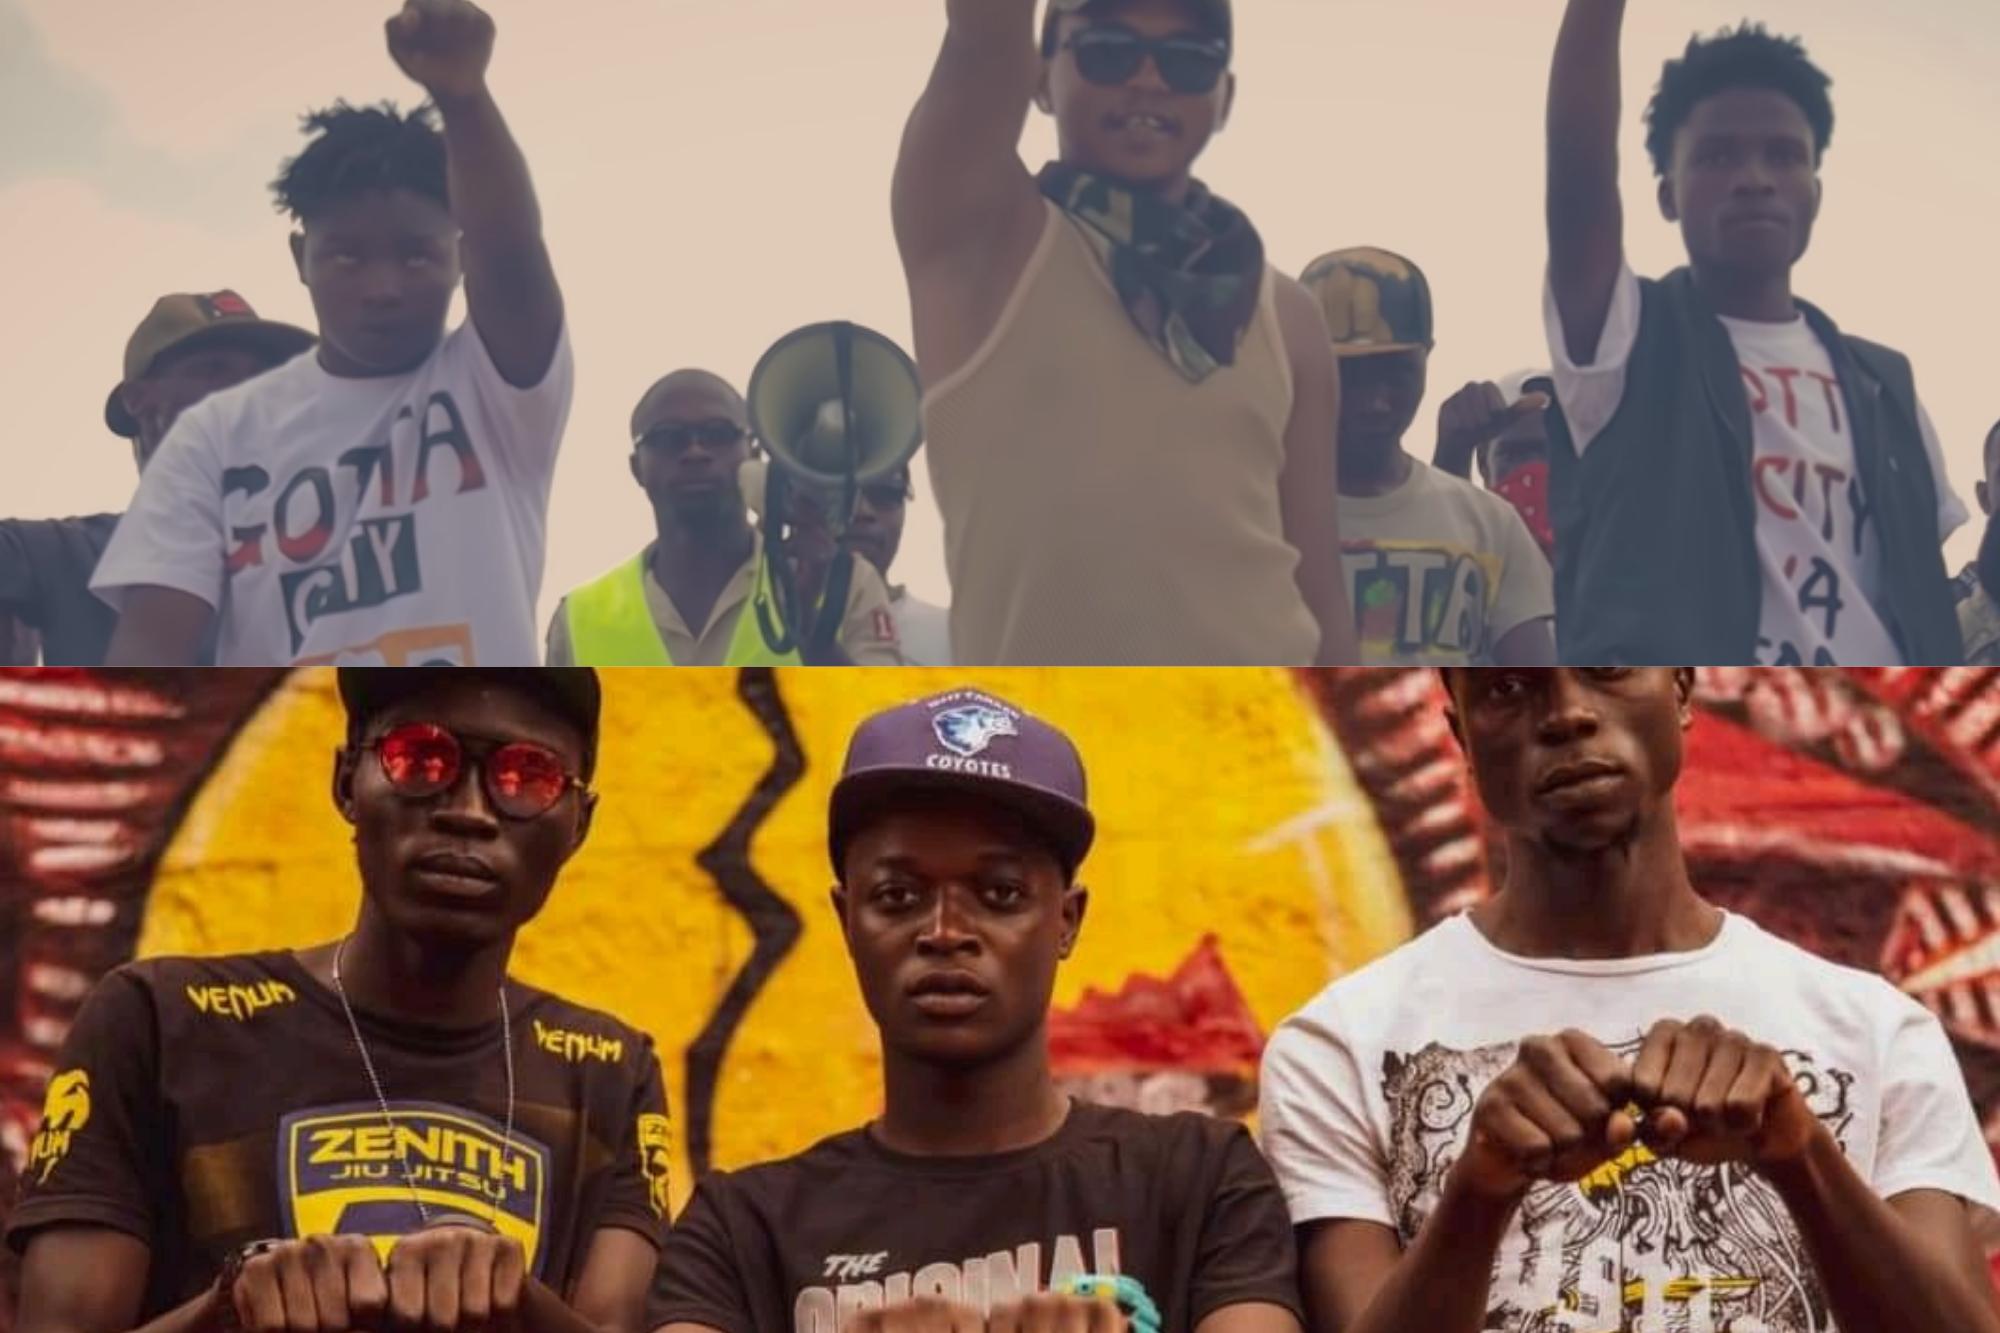 Gotta City (top) and Mbogi Genje